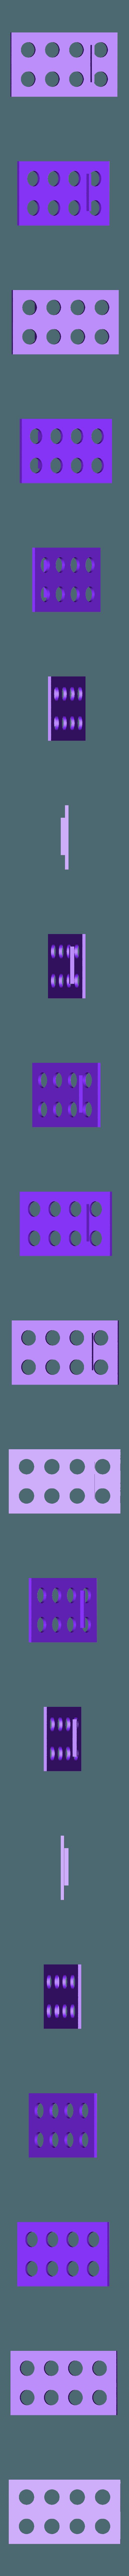 Frame_E.STL Télécharger fichier STL gratuit Nettoyant pour panne à souder • Modèle à imprimer en 3D, perinski